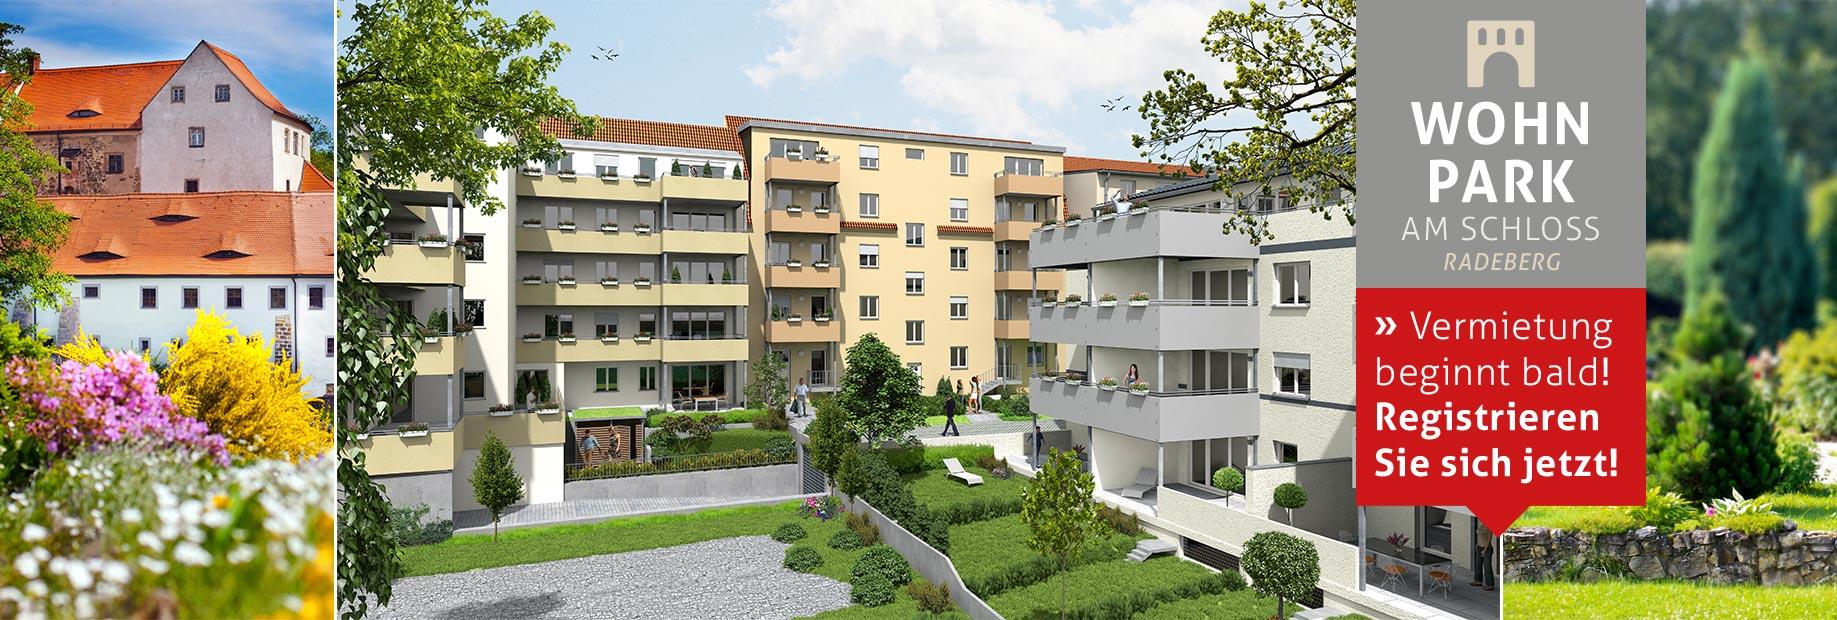 Bauvorhaben Neubau Vermietung Wohnungen Pulsnitzer Straße 38-40 in Radeberg bei Dresden